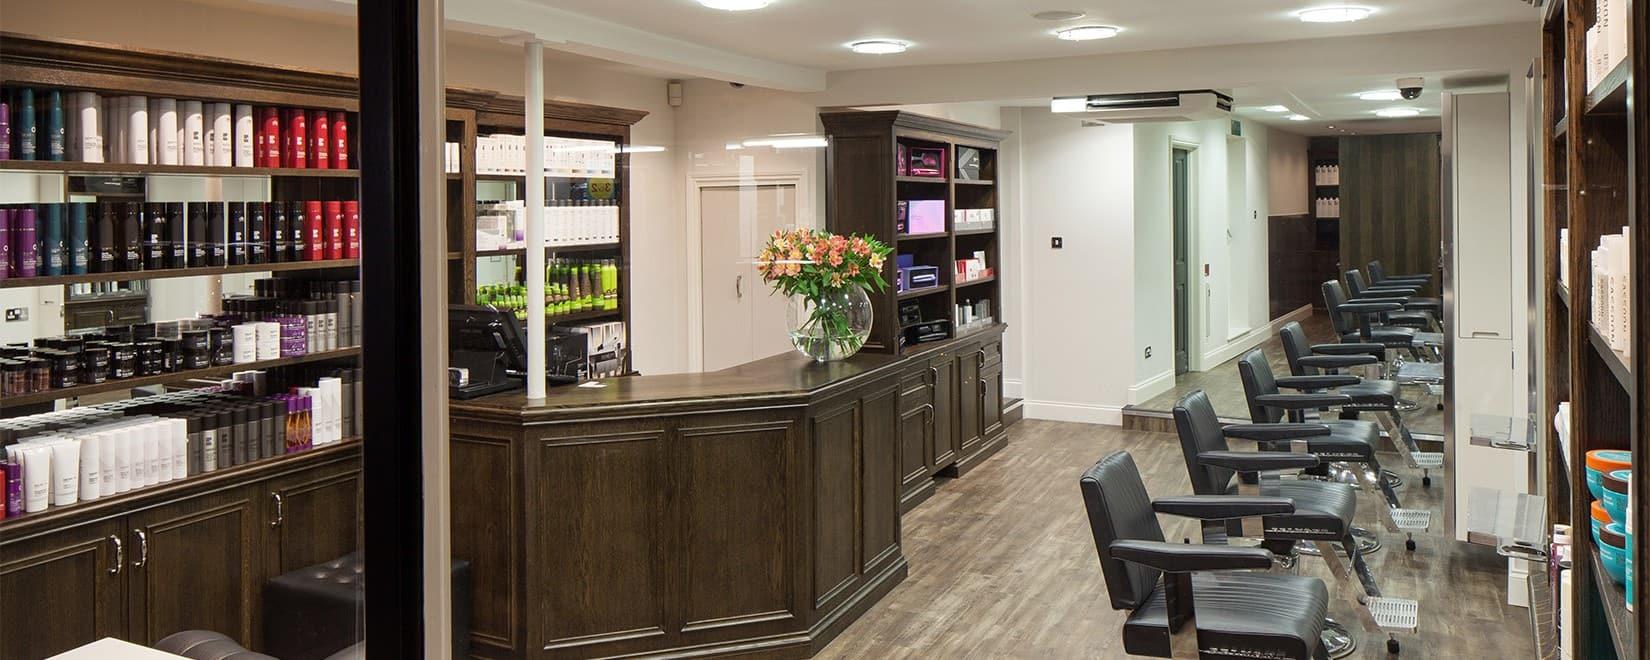 M Salons - Hairdressers Bishops Stortford - Interior Reception